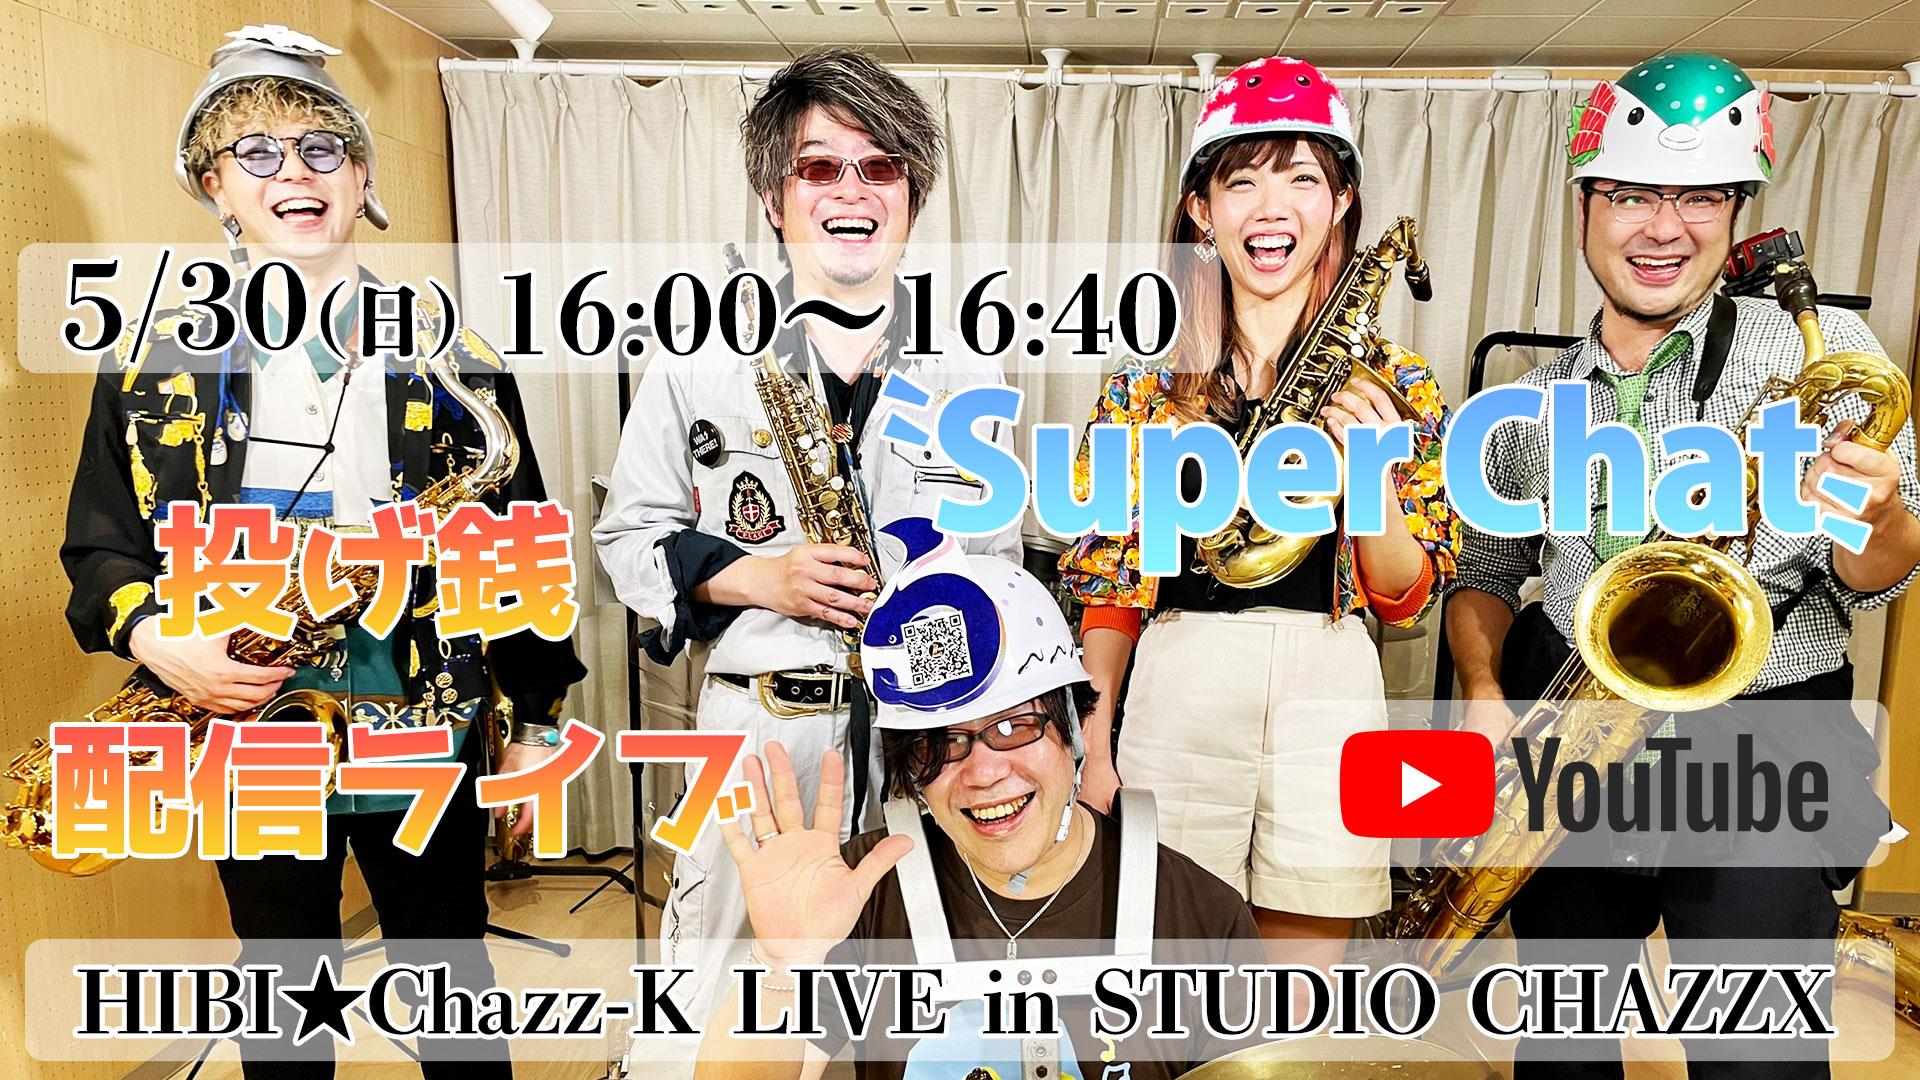 5/30(日)「HIBI★Chazz-K LIVE in STUDIO CHAZZX 〜 Super Chat投げ銭配信ライブ!Vol.2」